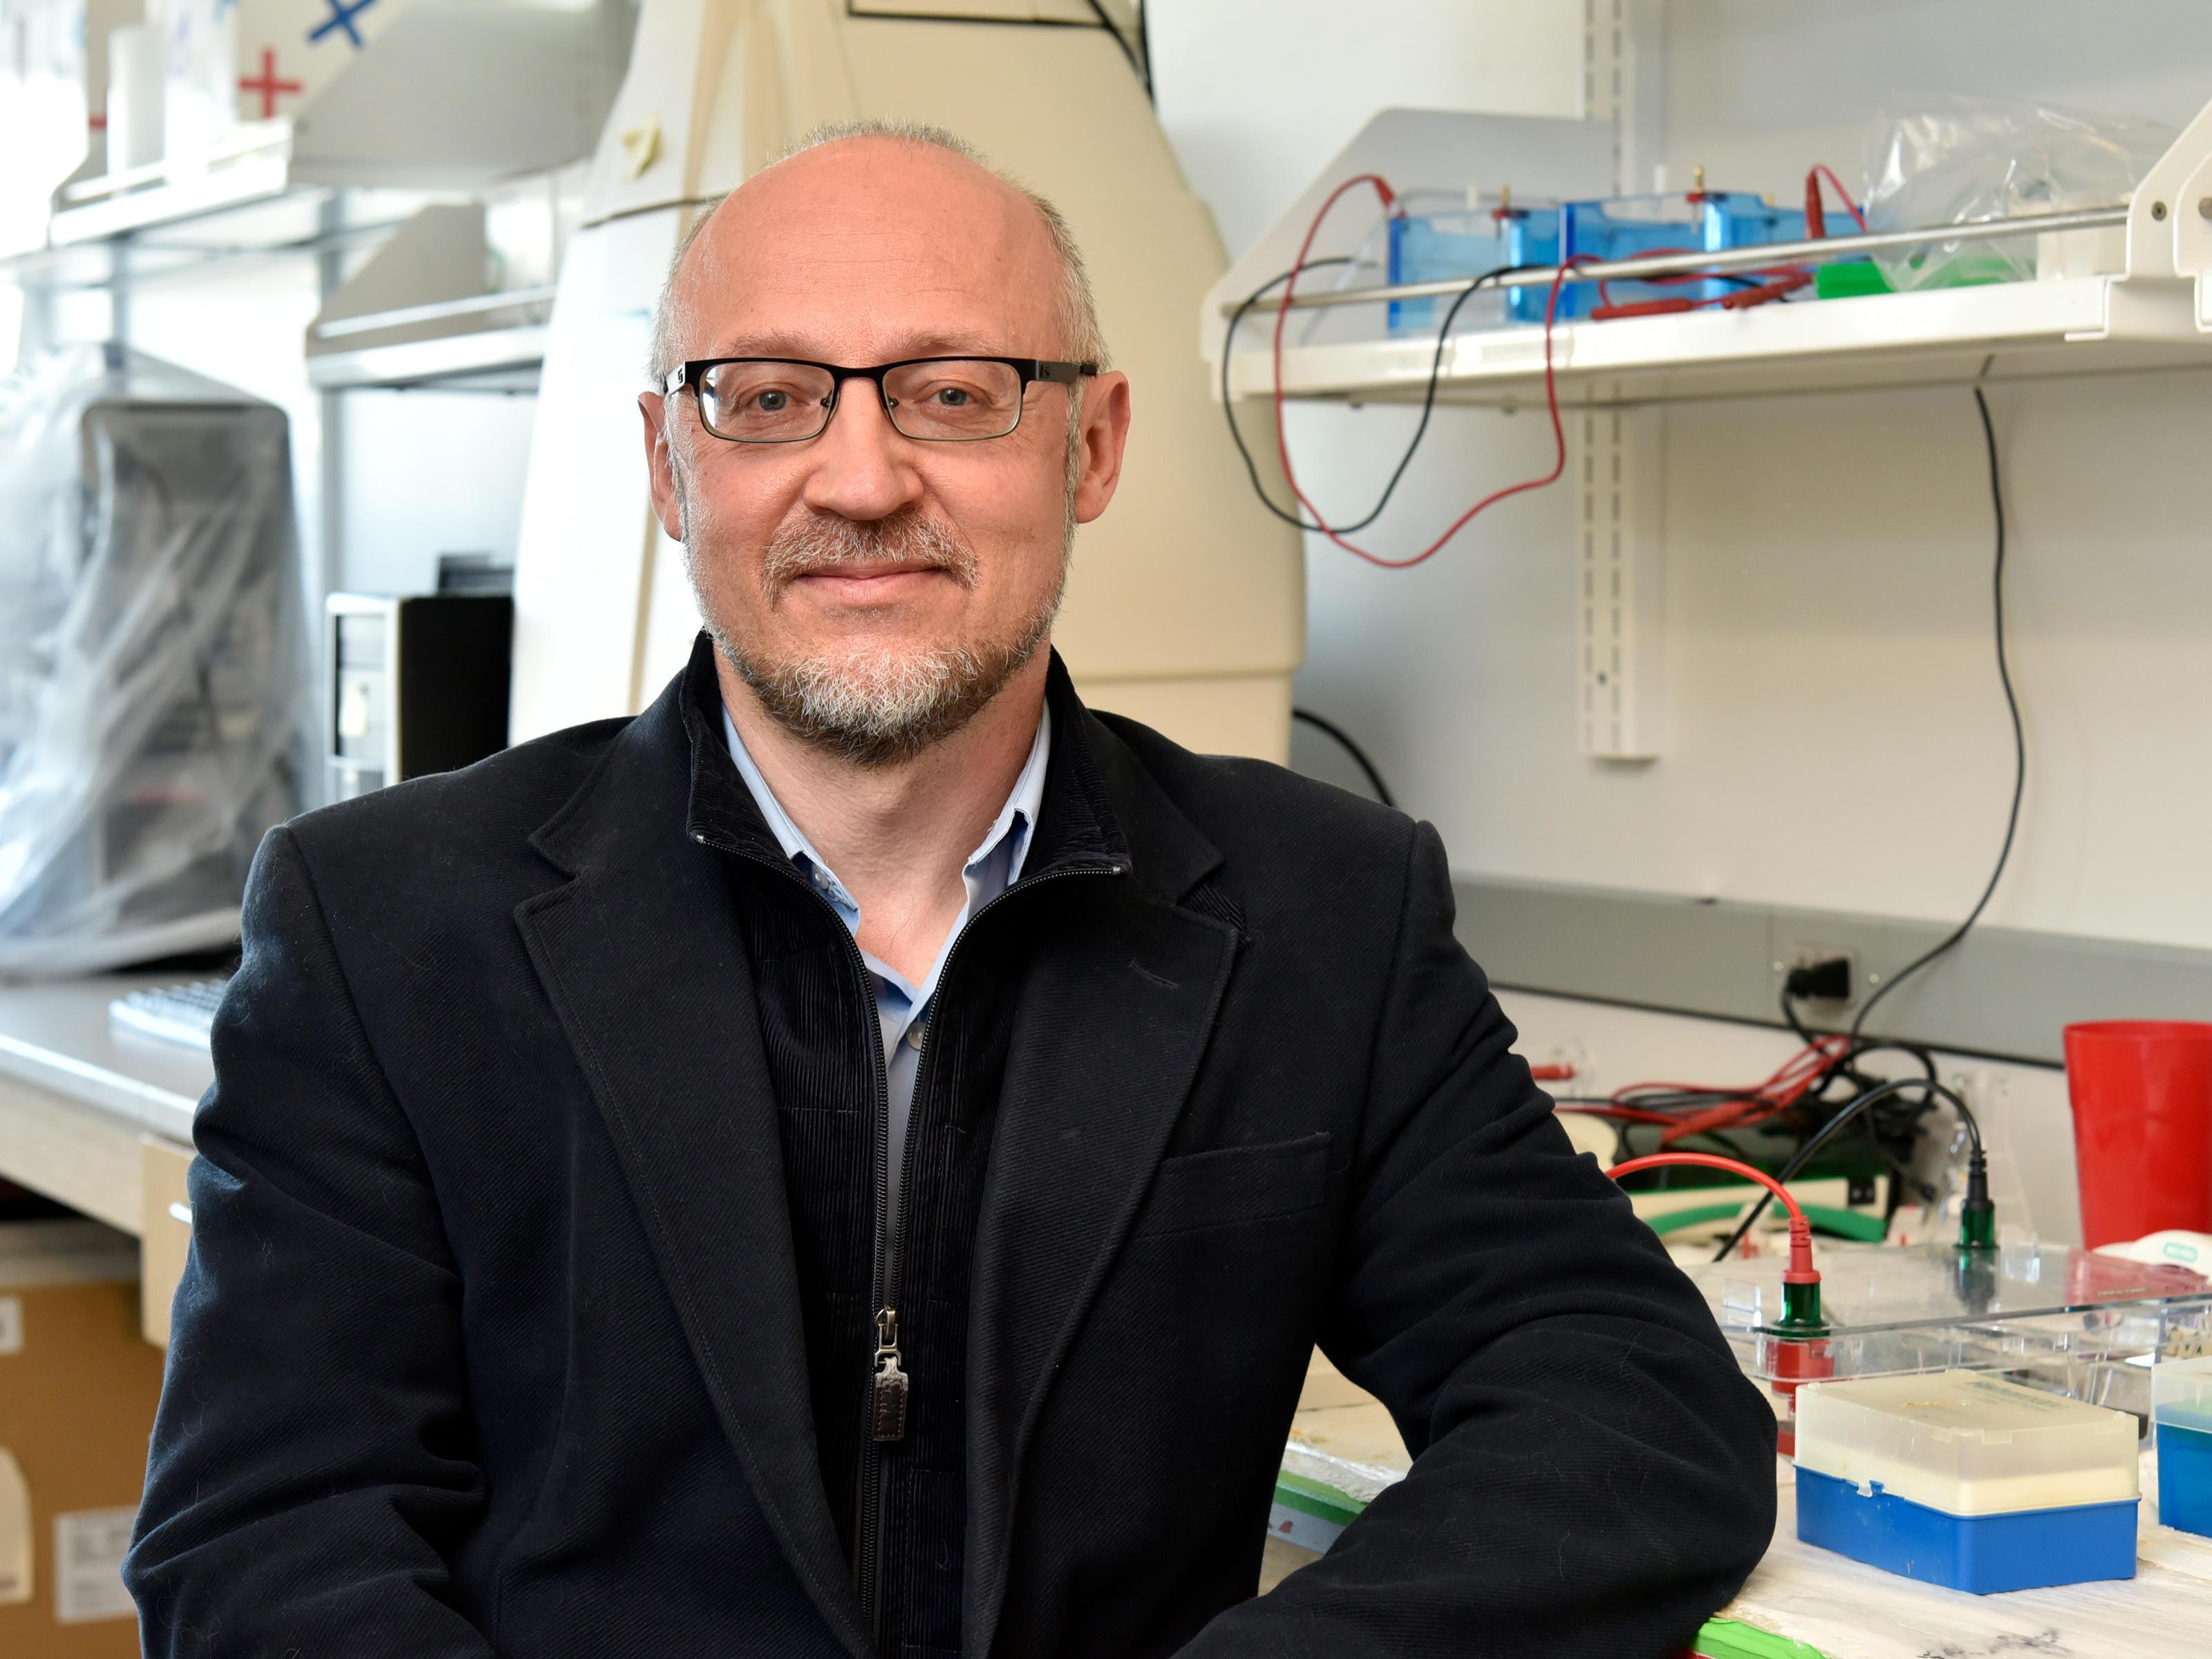 Photo of Dr. Bendinskas in his lab